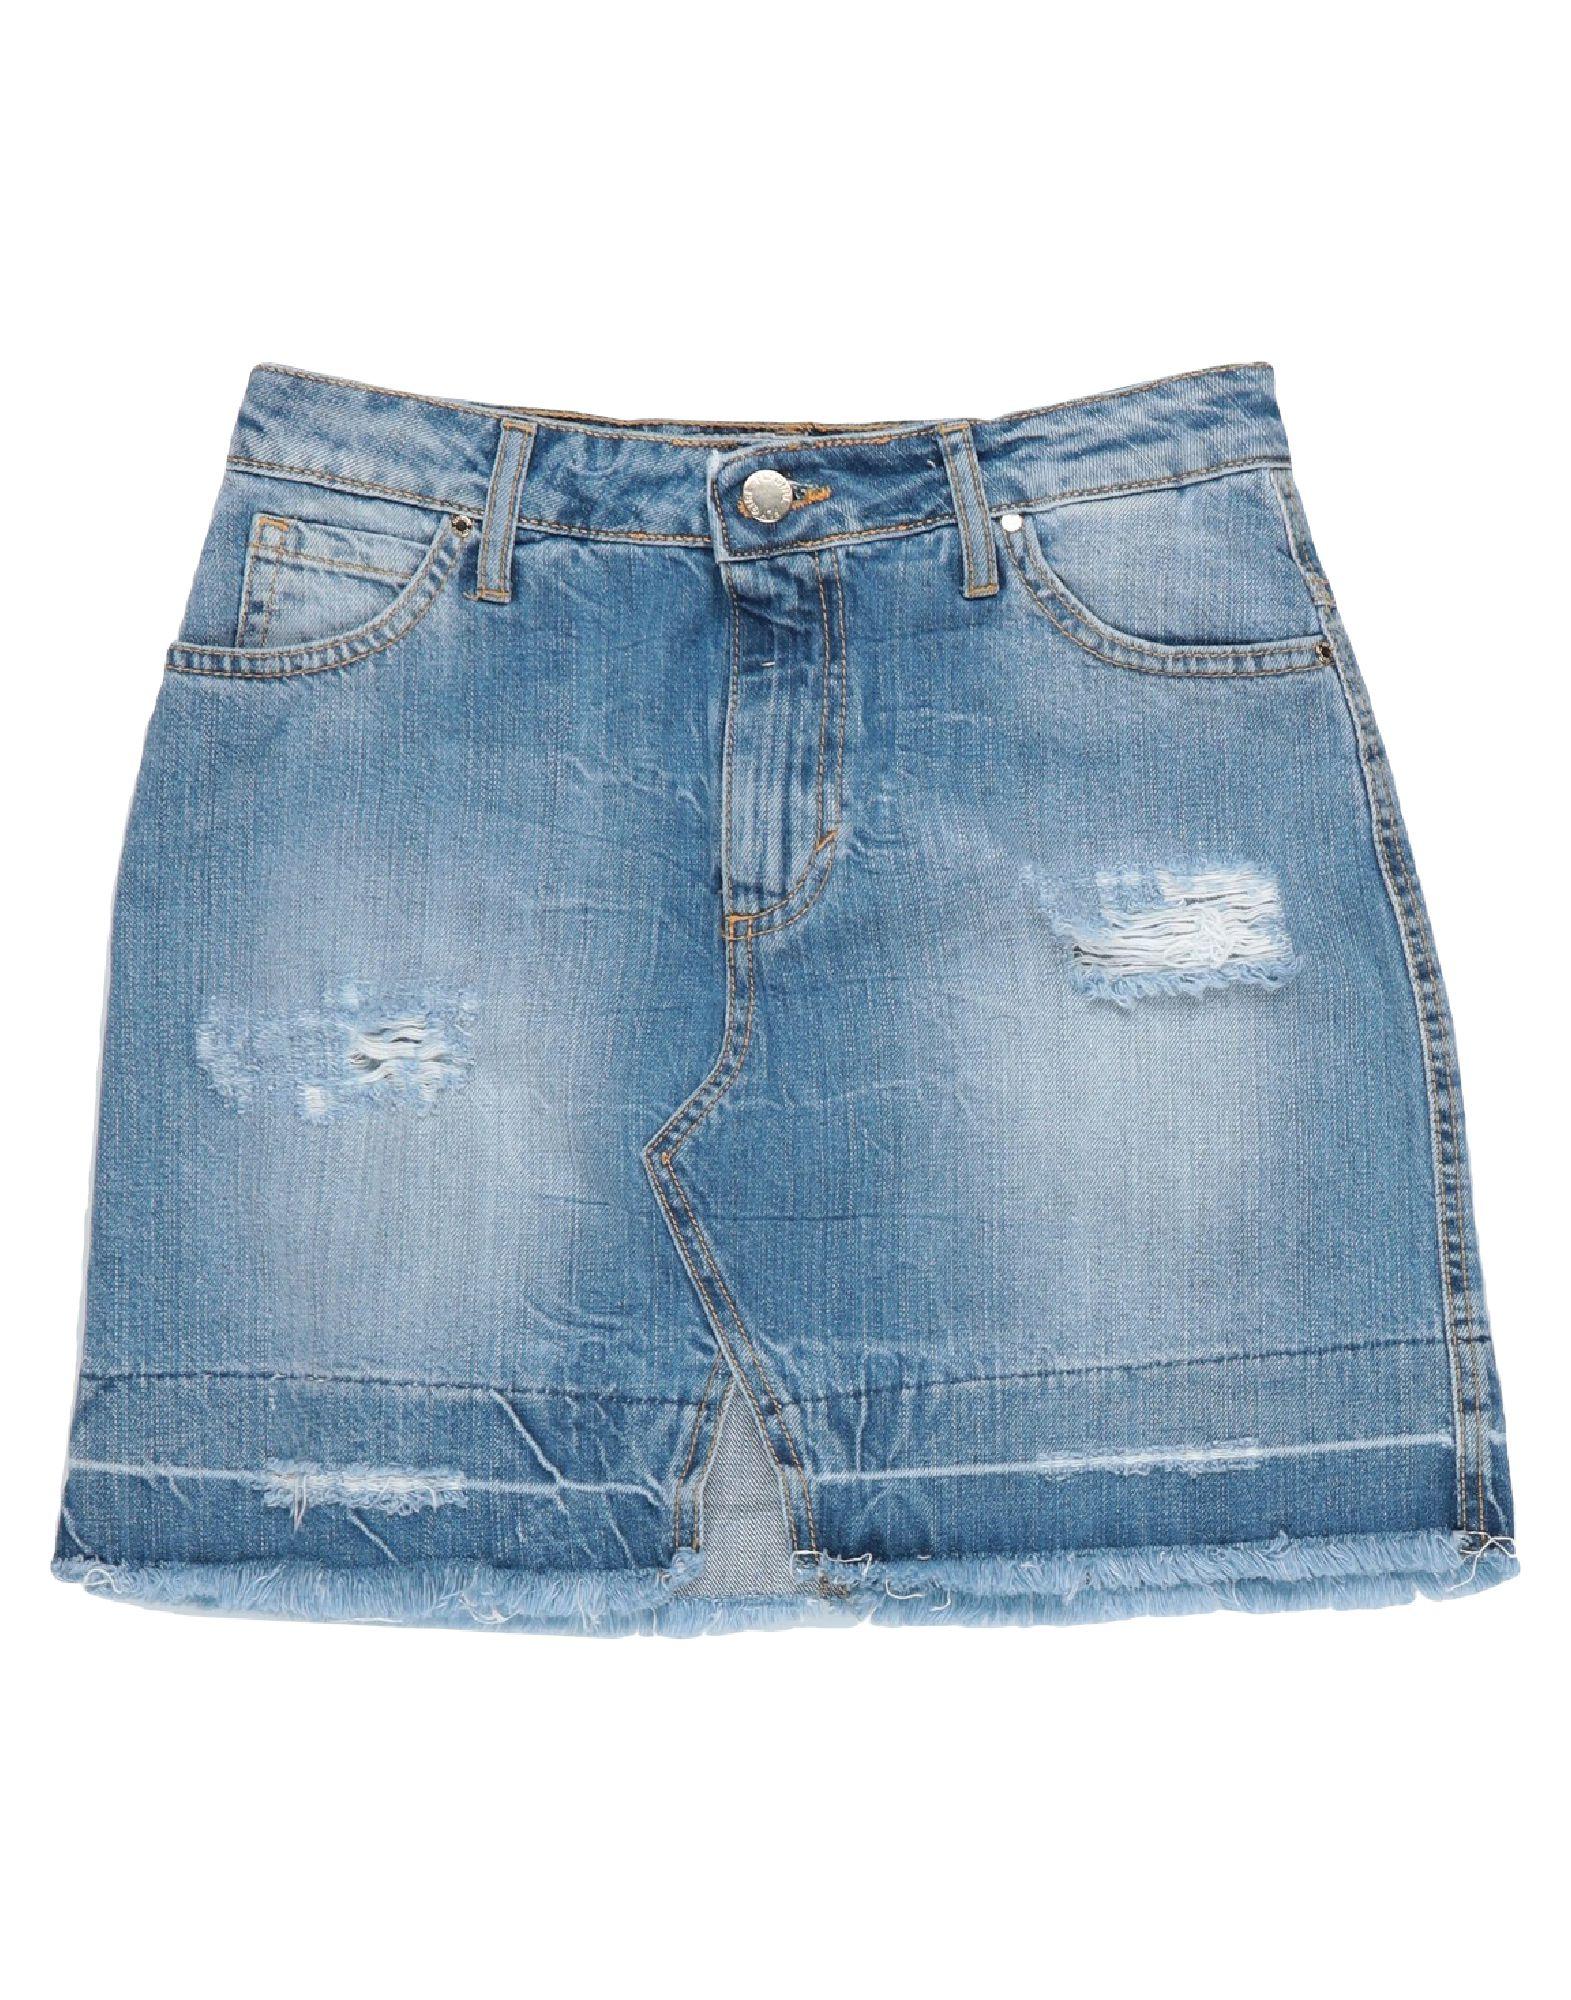 FLY GIRL Джинсовая юбка